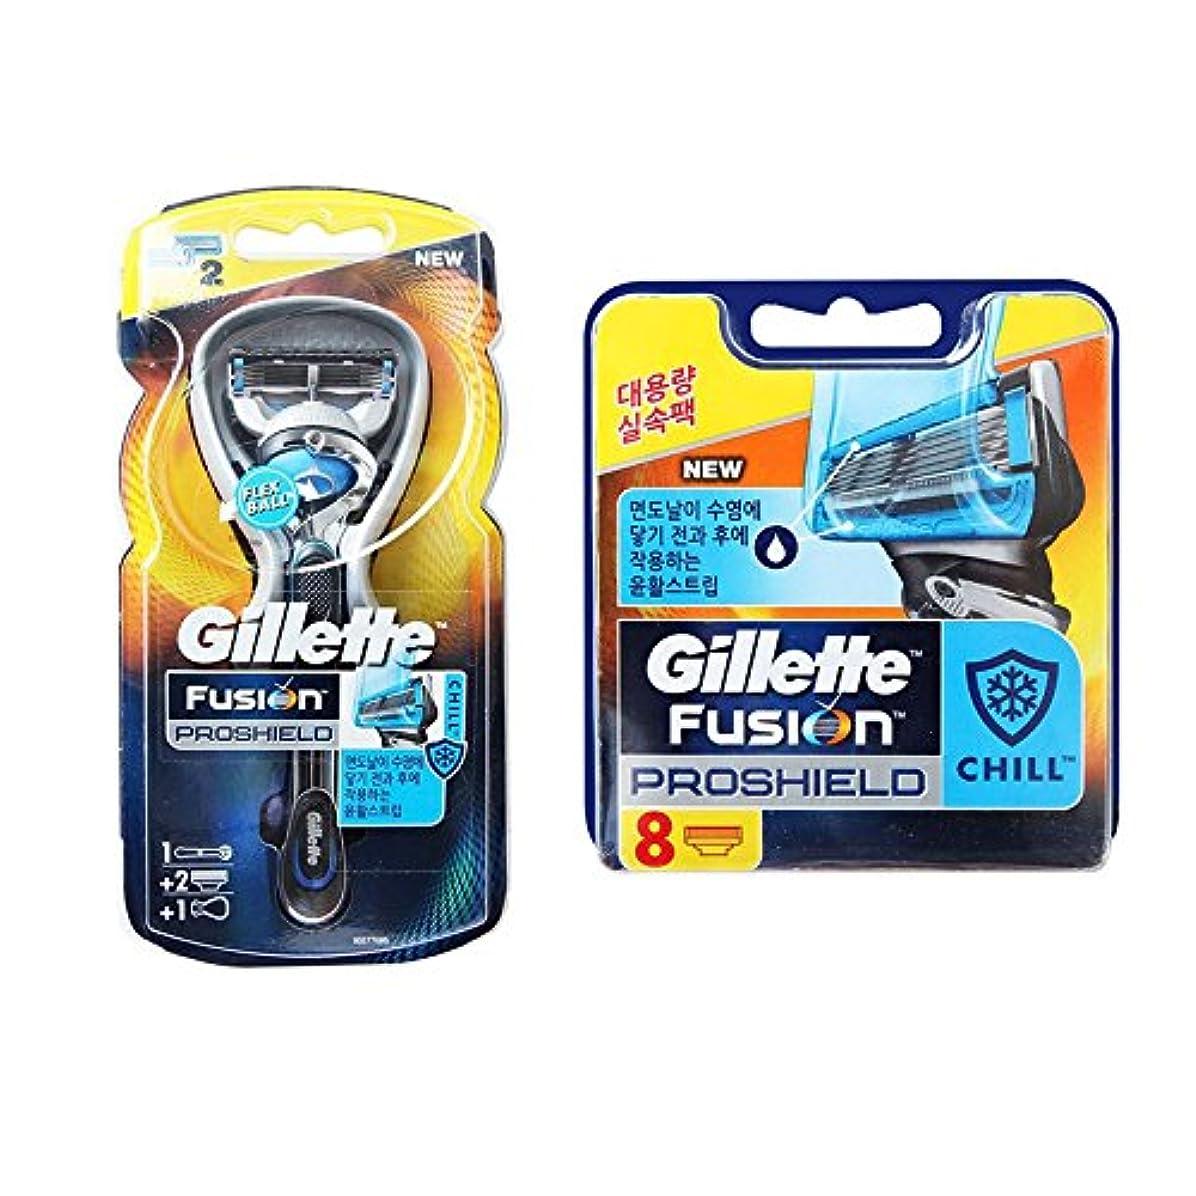 とげ泥ポスターGillette Fusion Proshield Chill Blue 1本の剃刀と10本の剃刀刃 [並行輸入品]